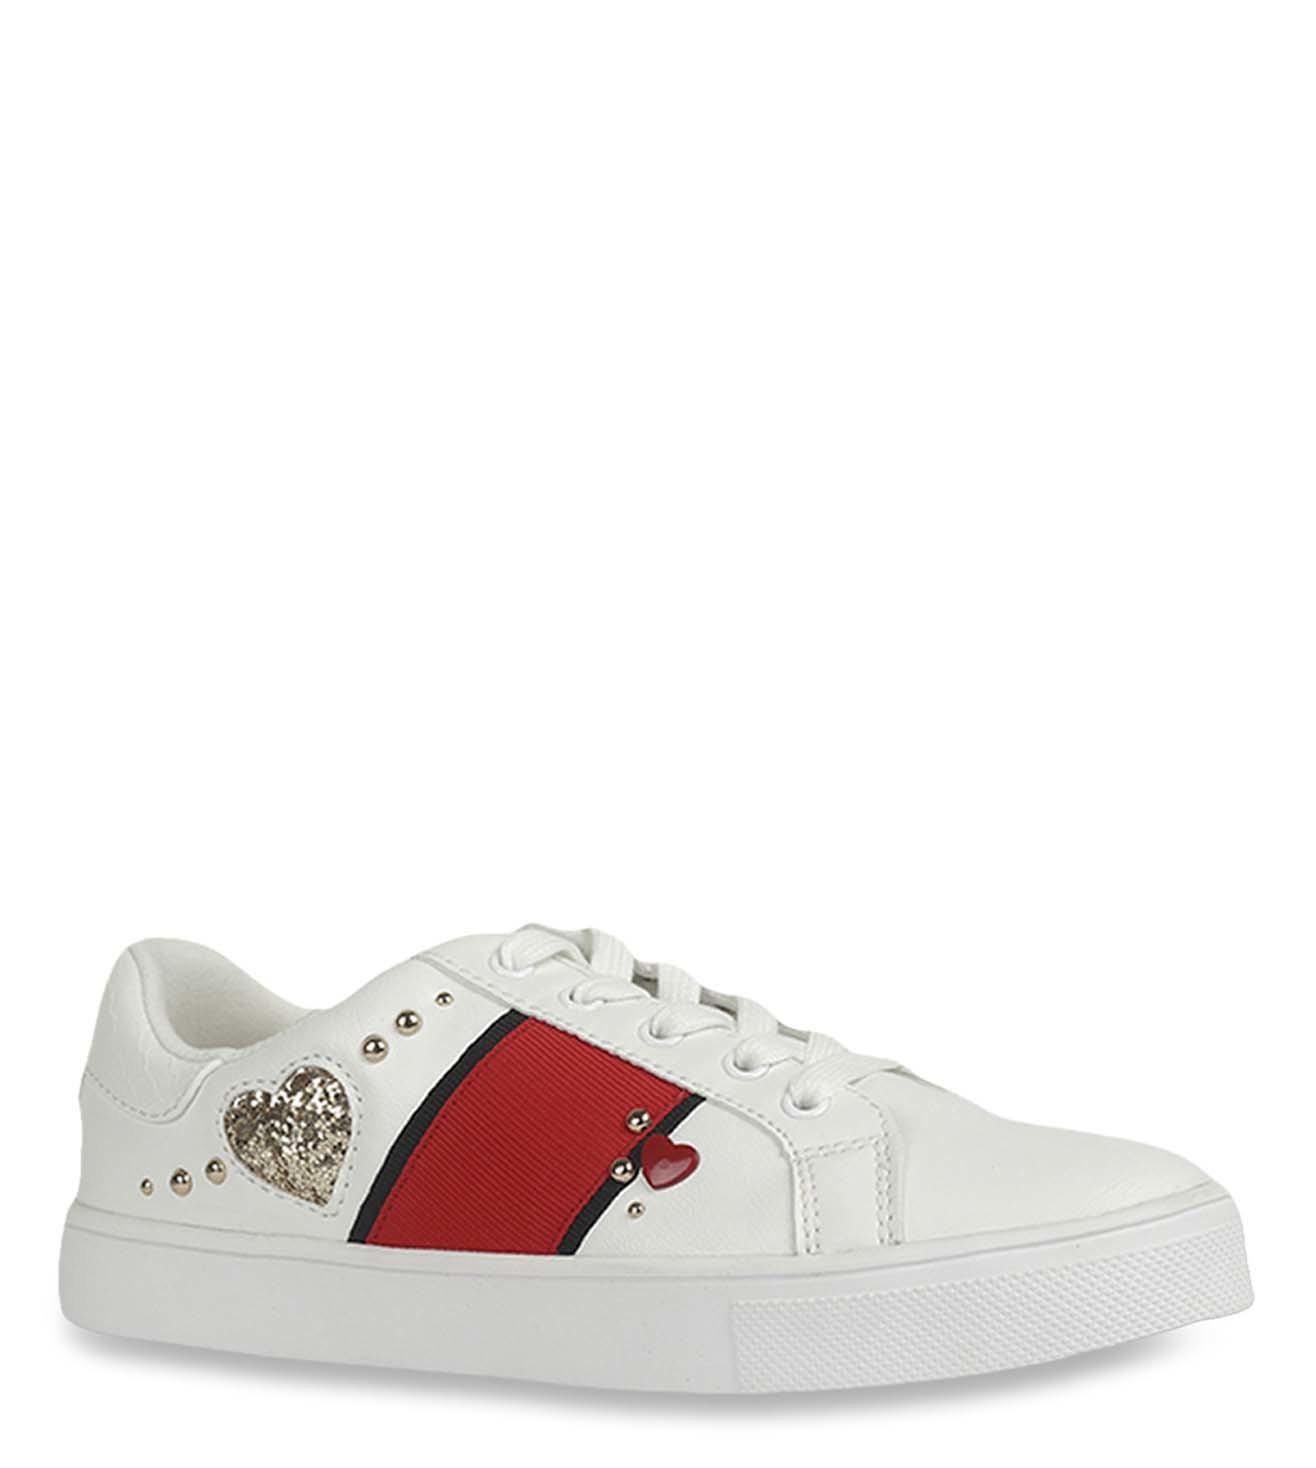 Buy Aldo White Women Sneakers for